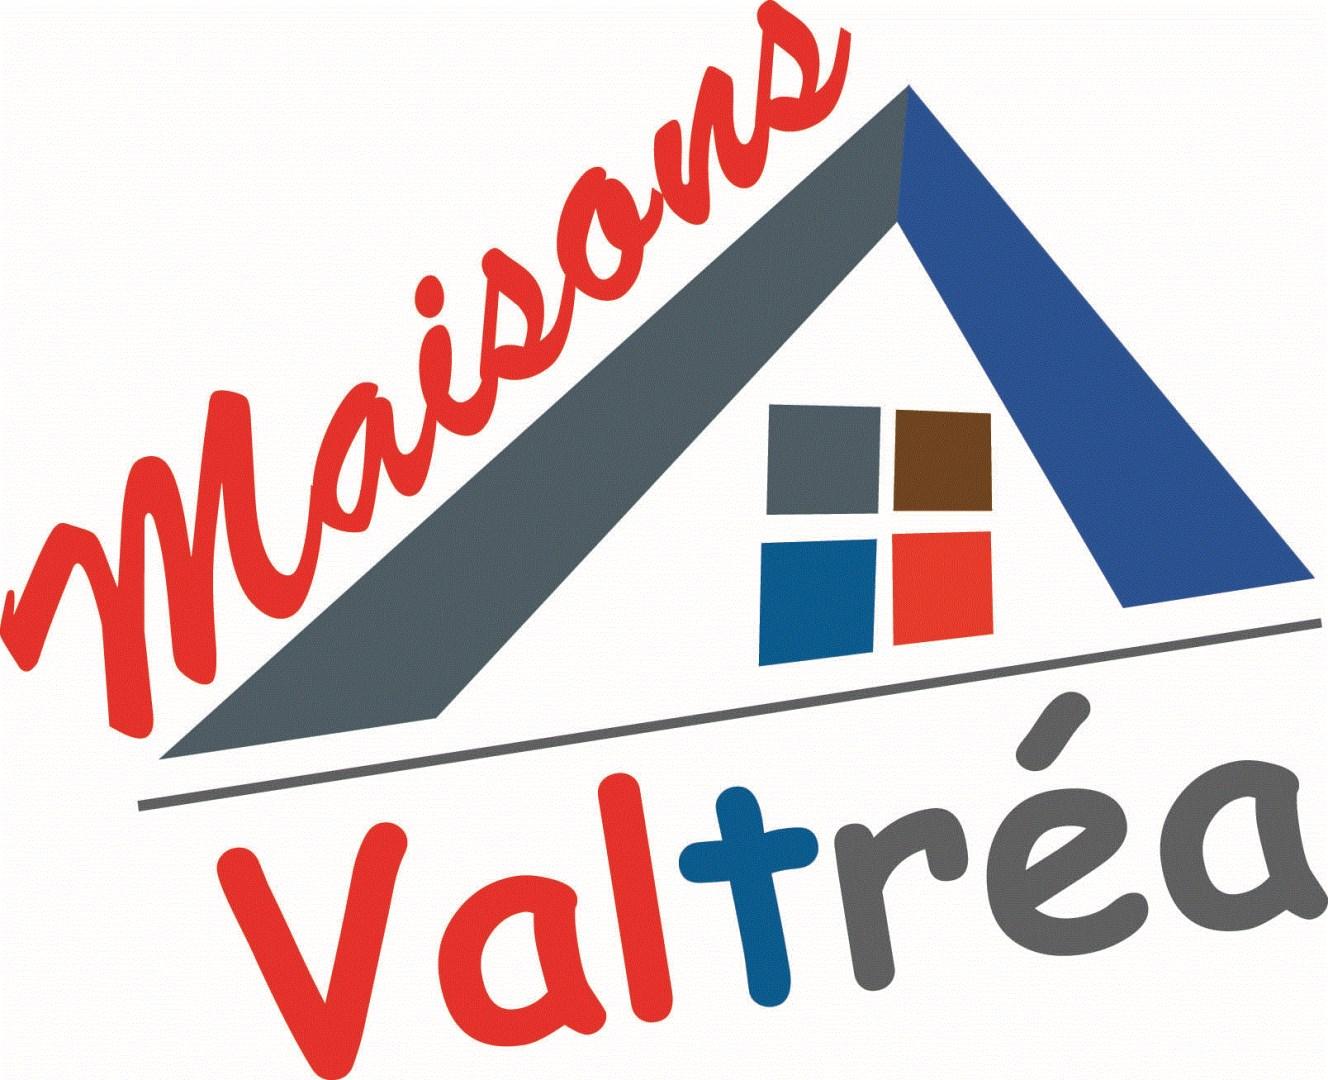 MAISONS VALTREA